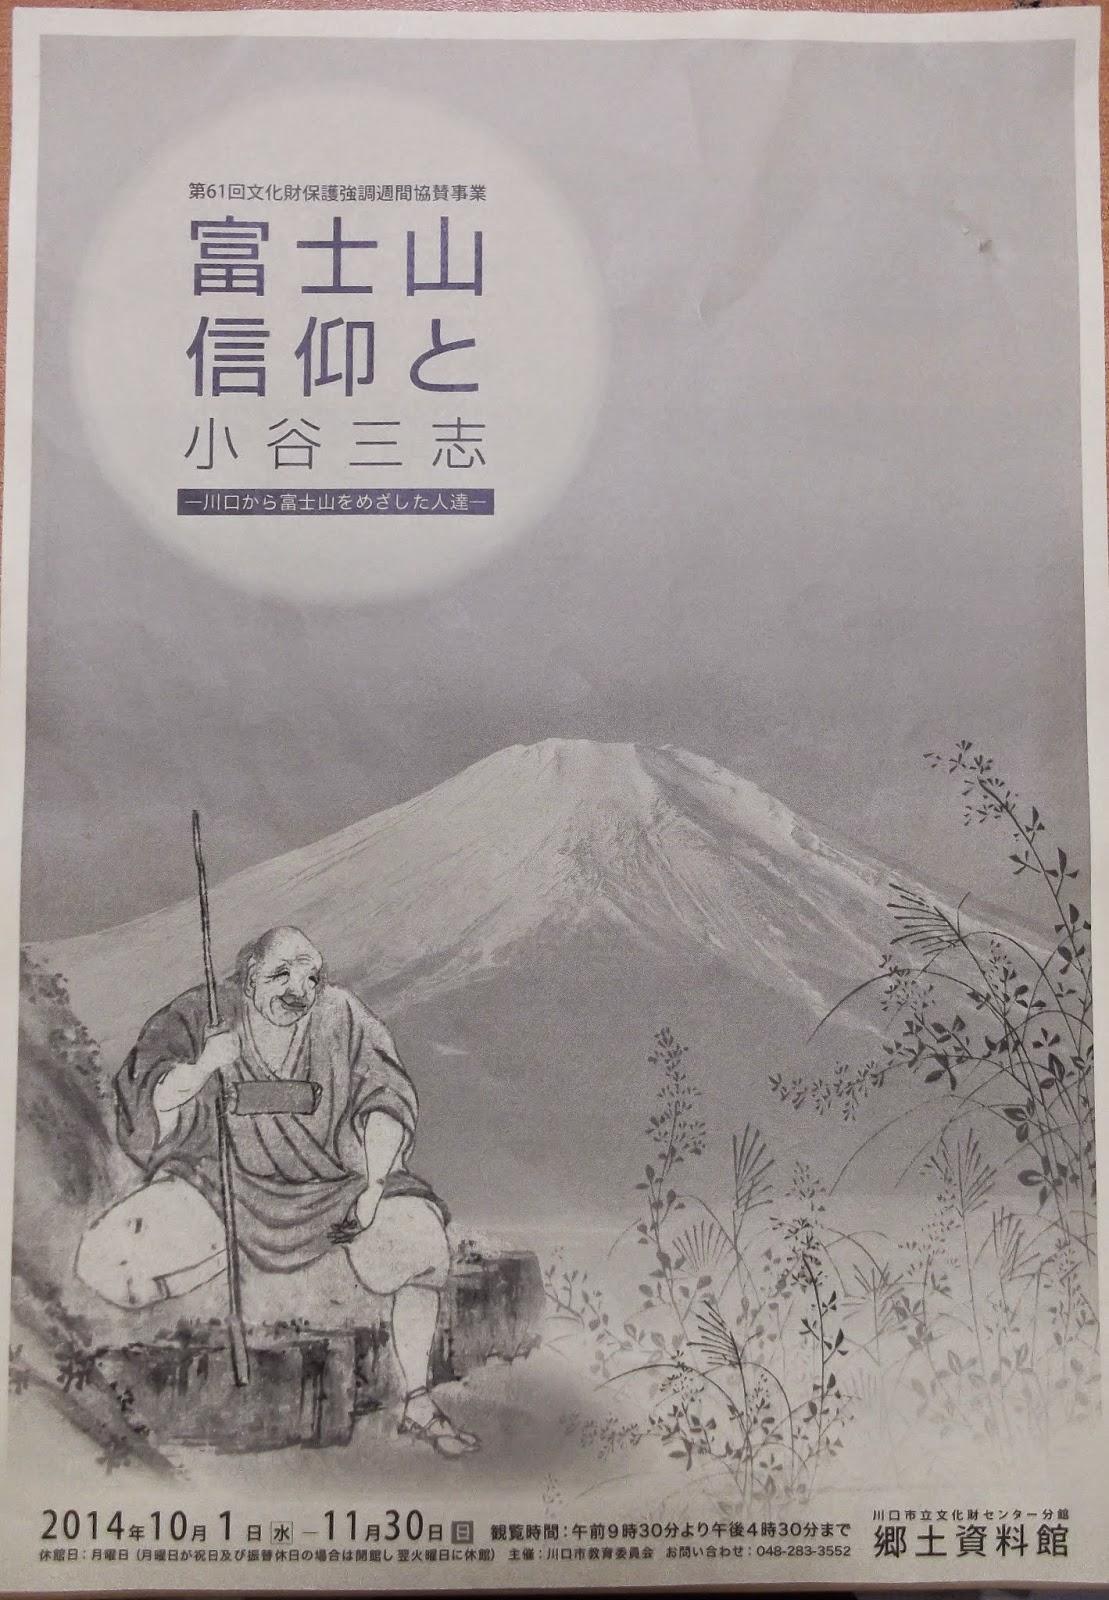 新井宿まちづくりBLOG: 富士山信...